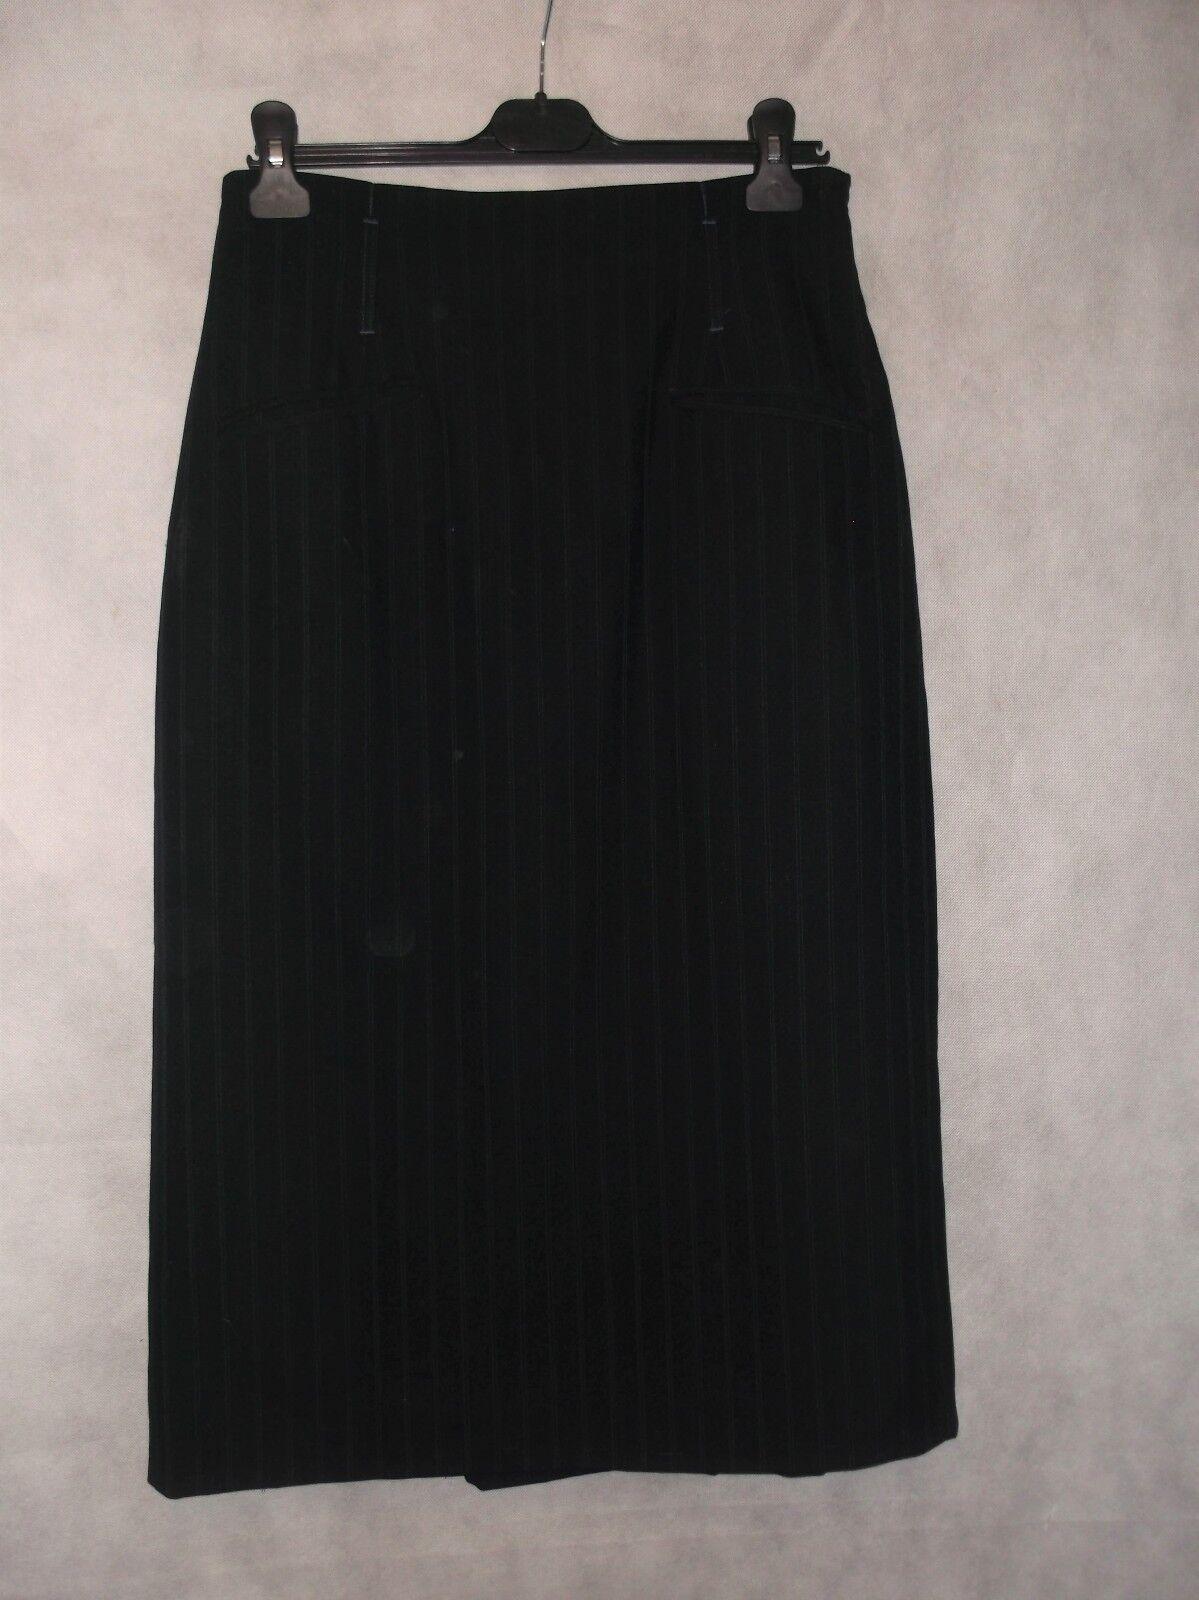 MARGARET HOWELL finest wool pinstripe skirt size 14 12